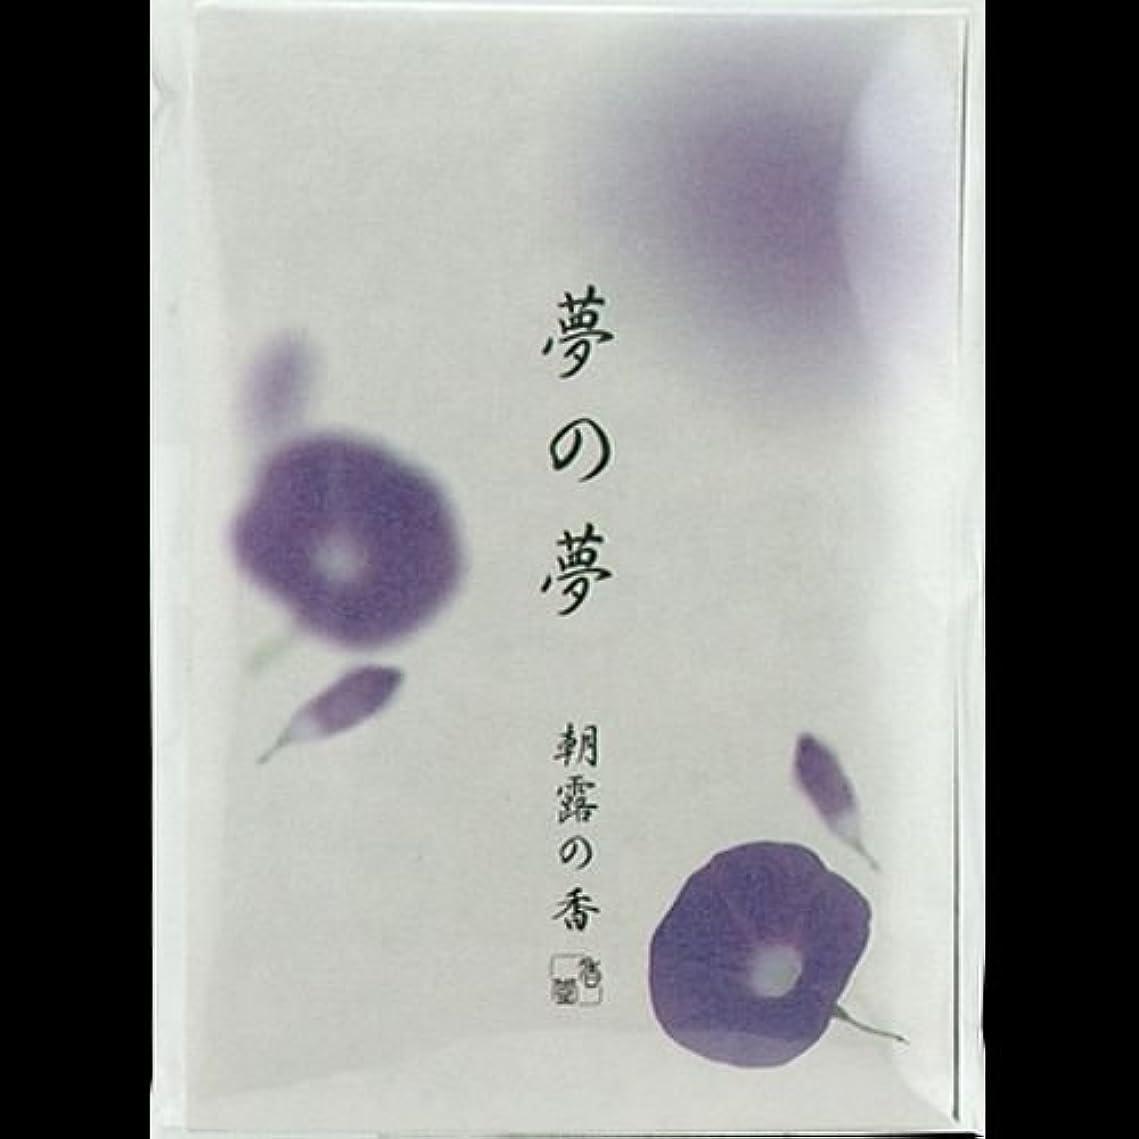 させる虚栄心ミシン目【まとめ買い】夢の夢 朝露(あさつゆ) スティック12本入 ×2セット